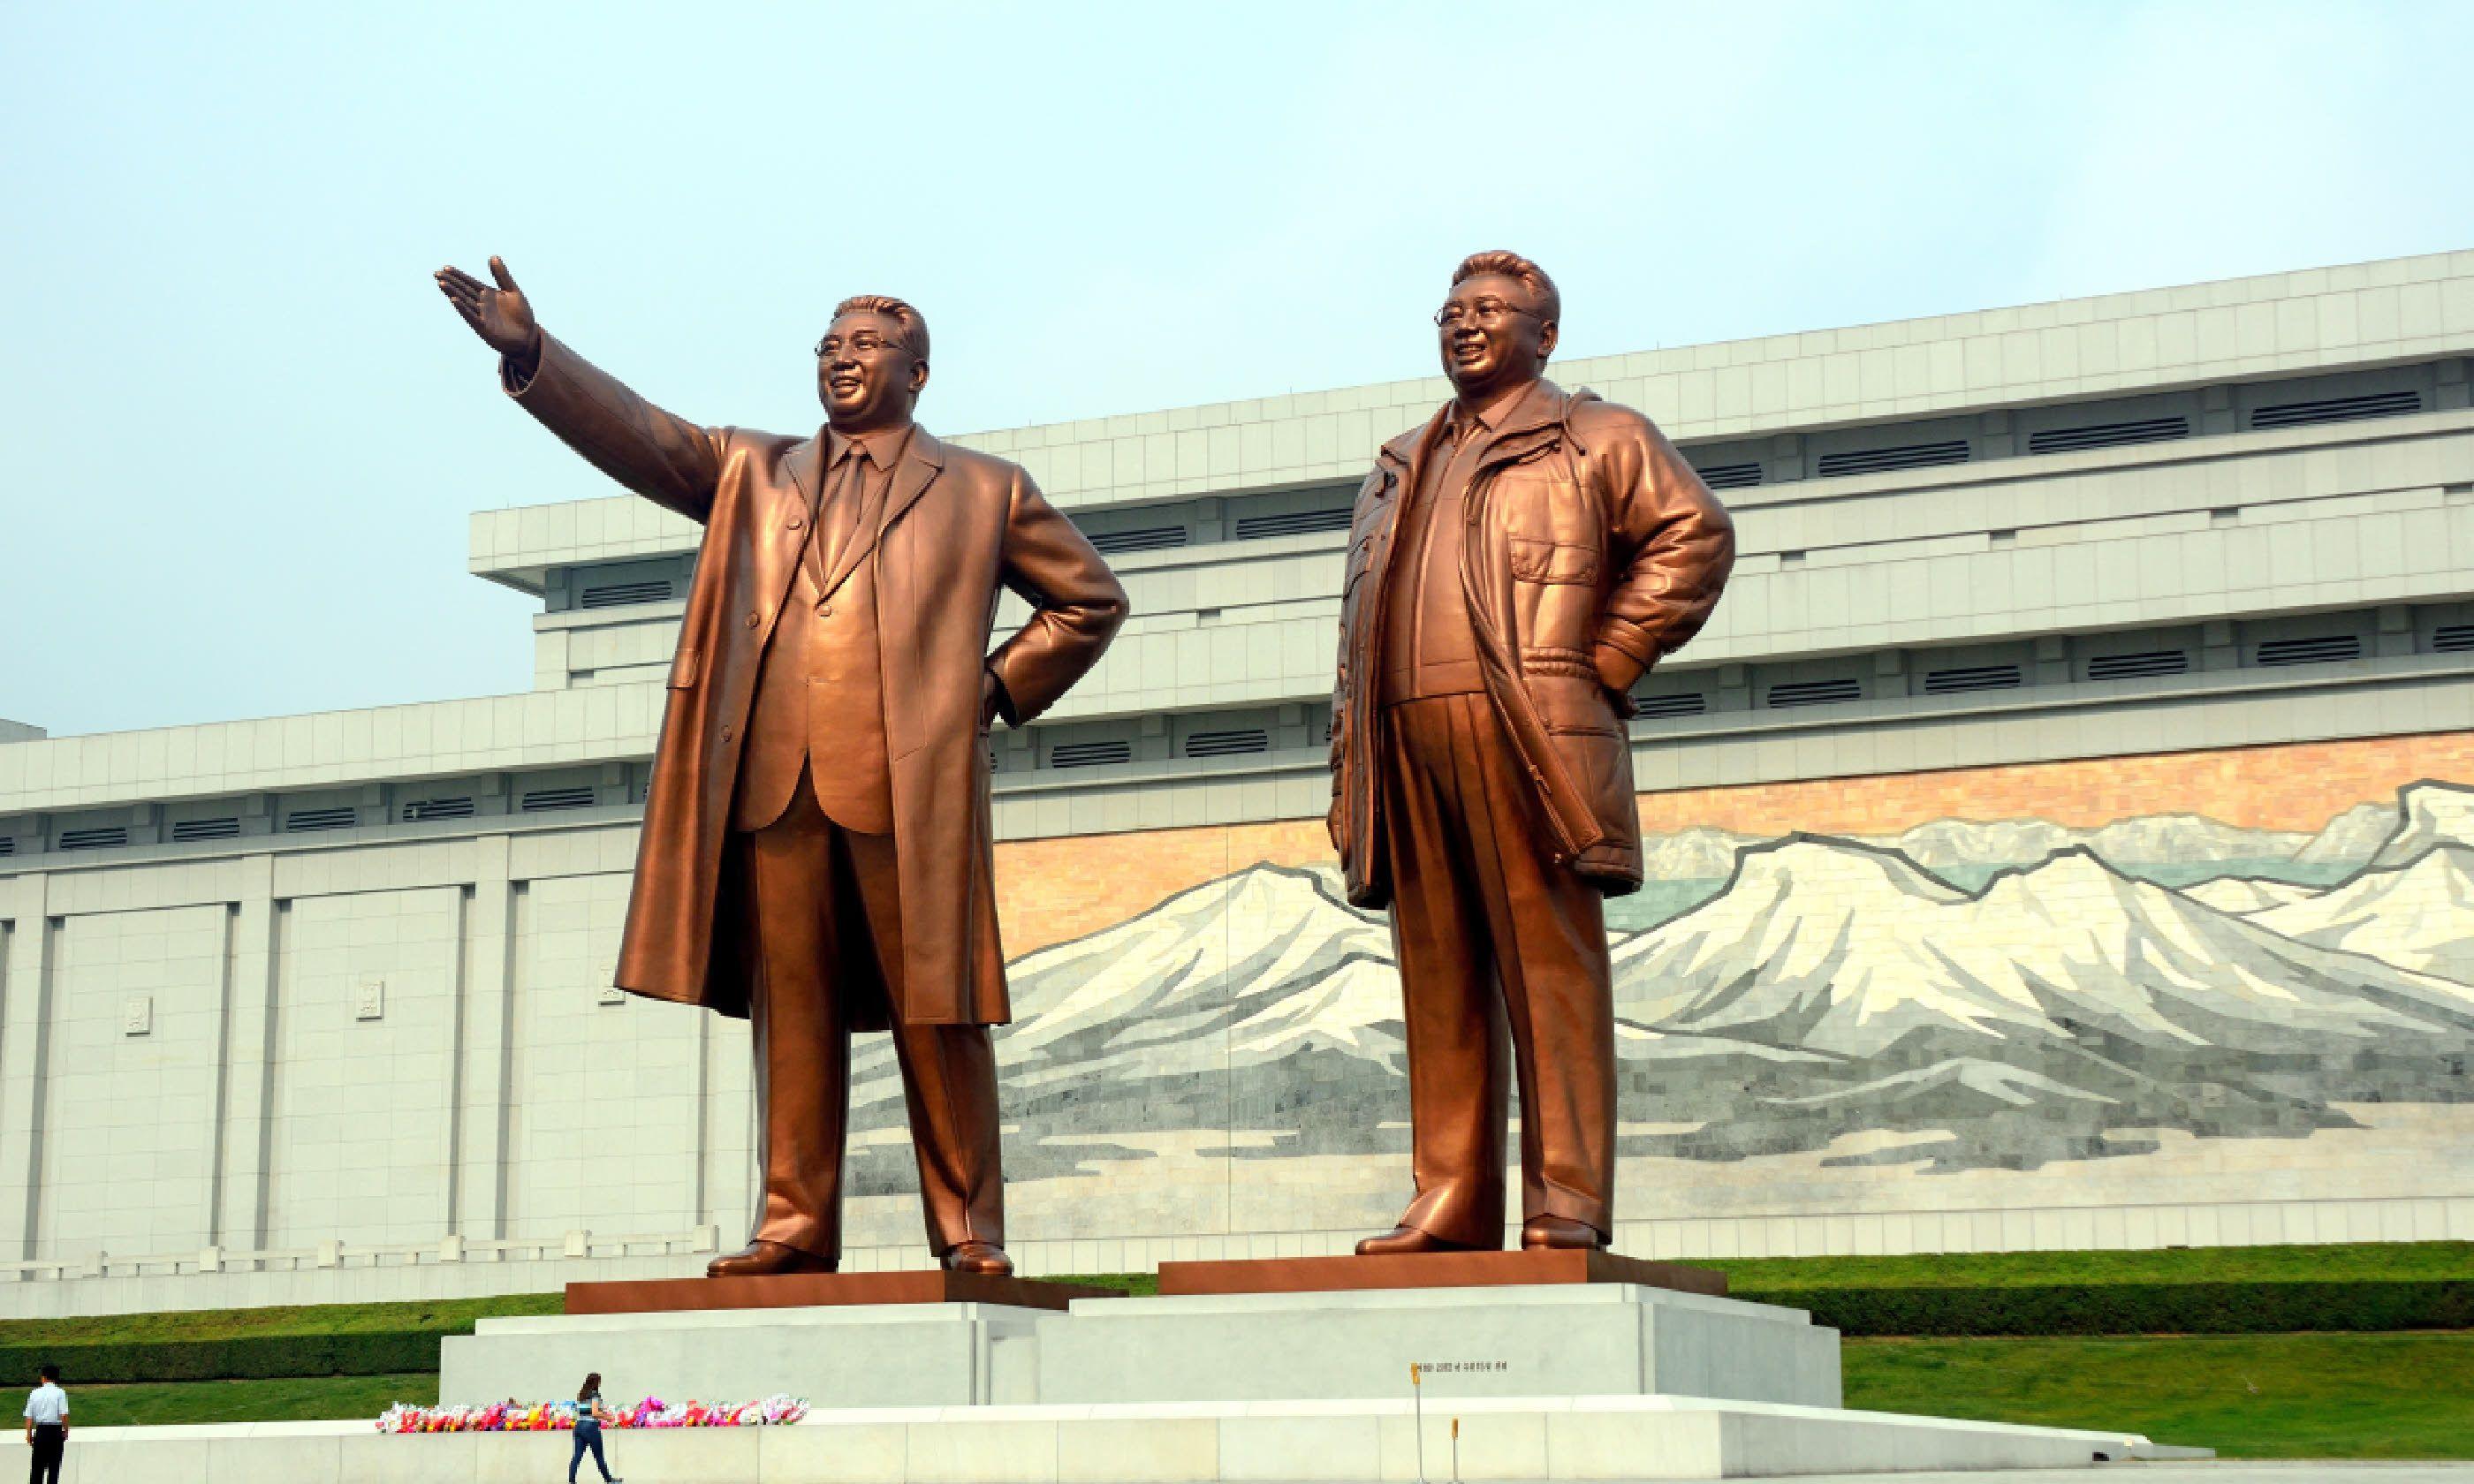 Pyongyang, North Korea (Shutterstock)